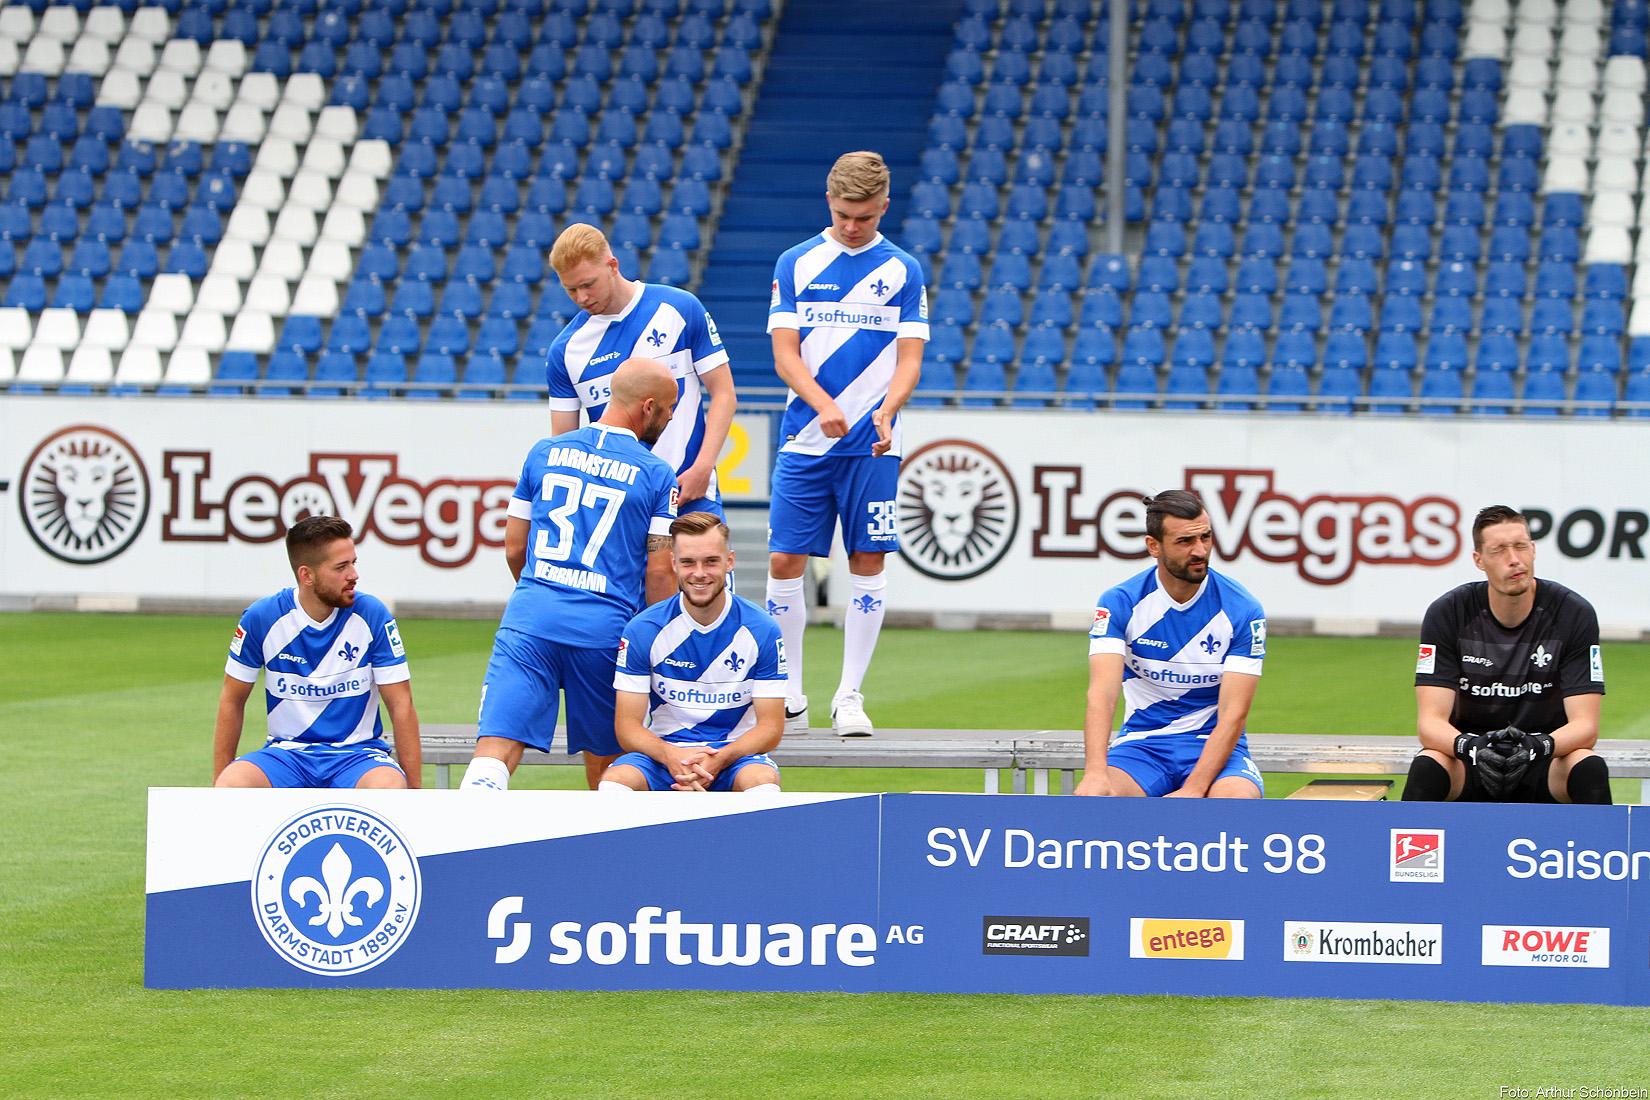 Die Suche nach der Startelf beim SV Darmstadt 98